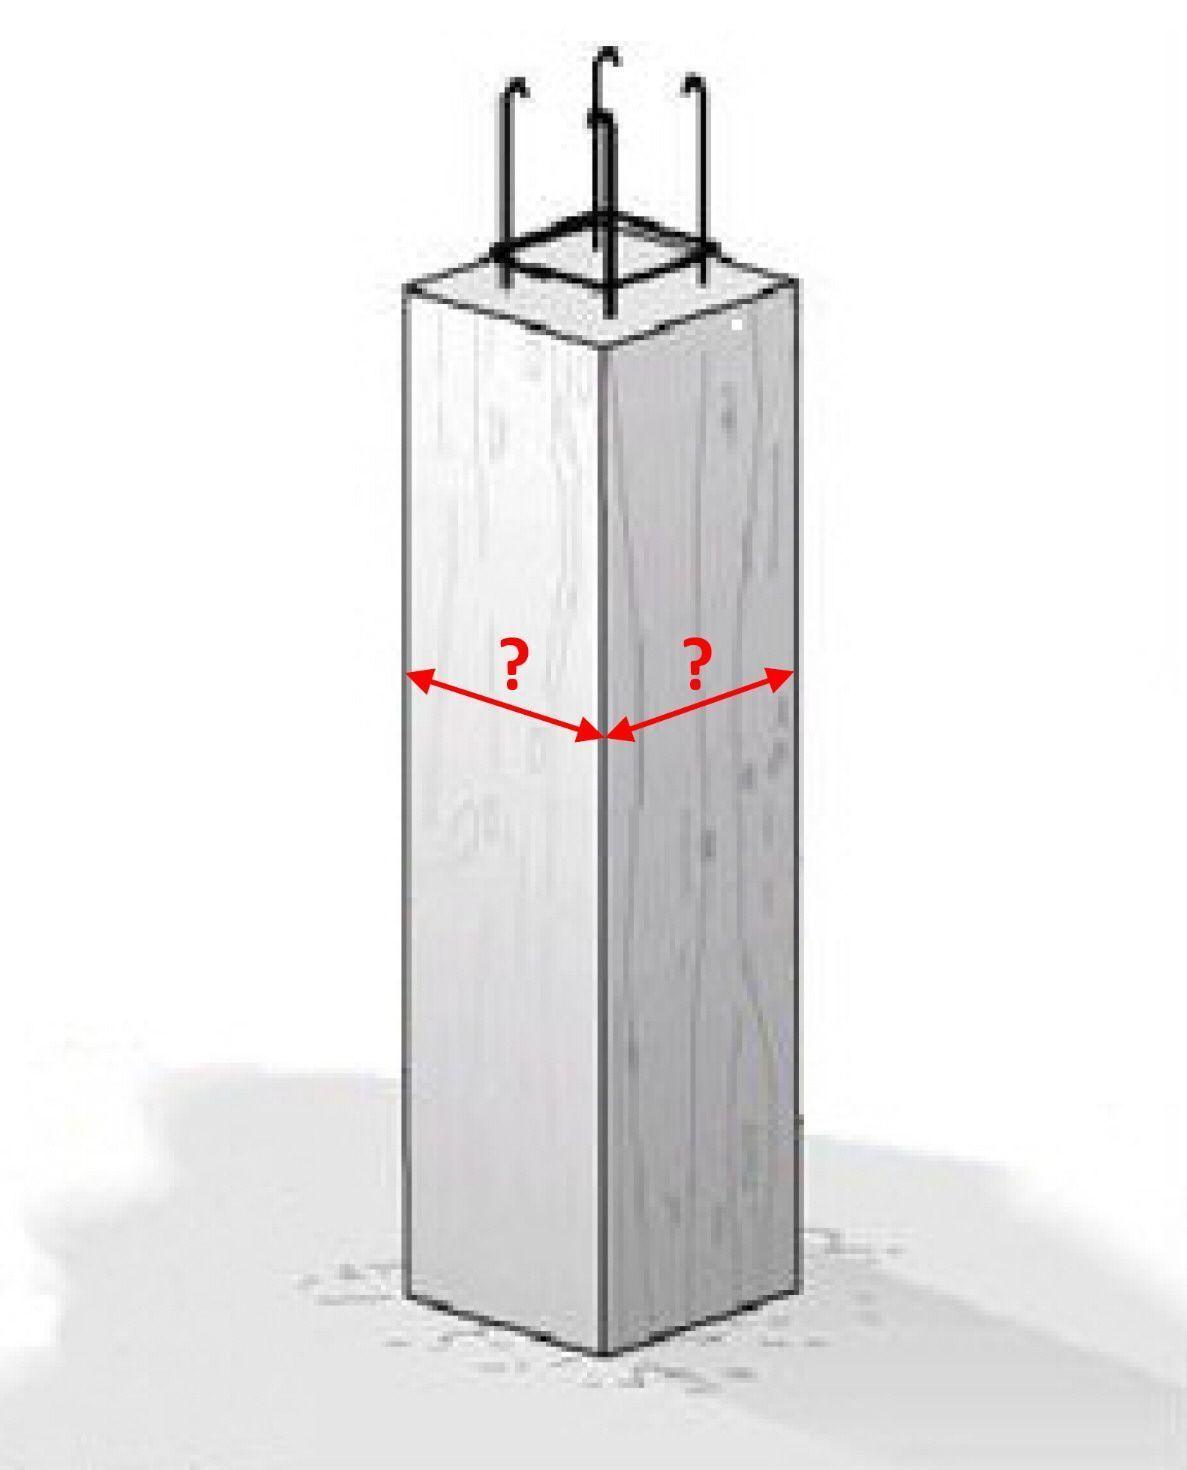 Una sencilla regla para predimensionar pilares de hormigón ...